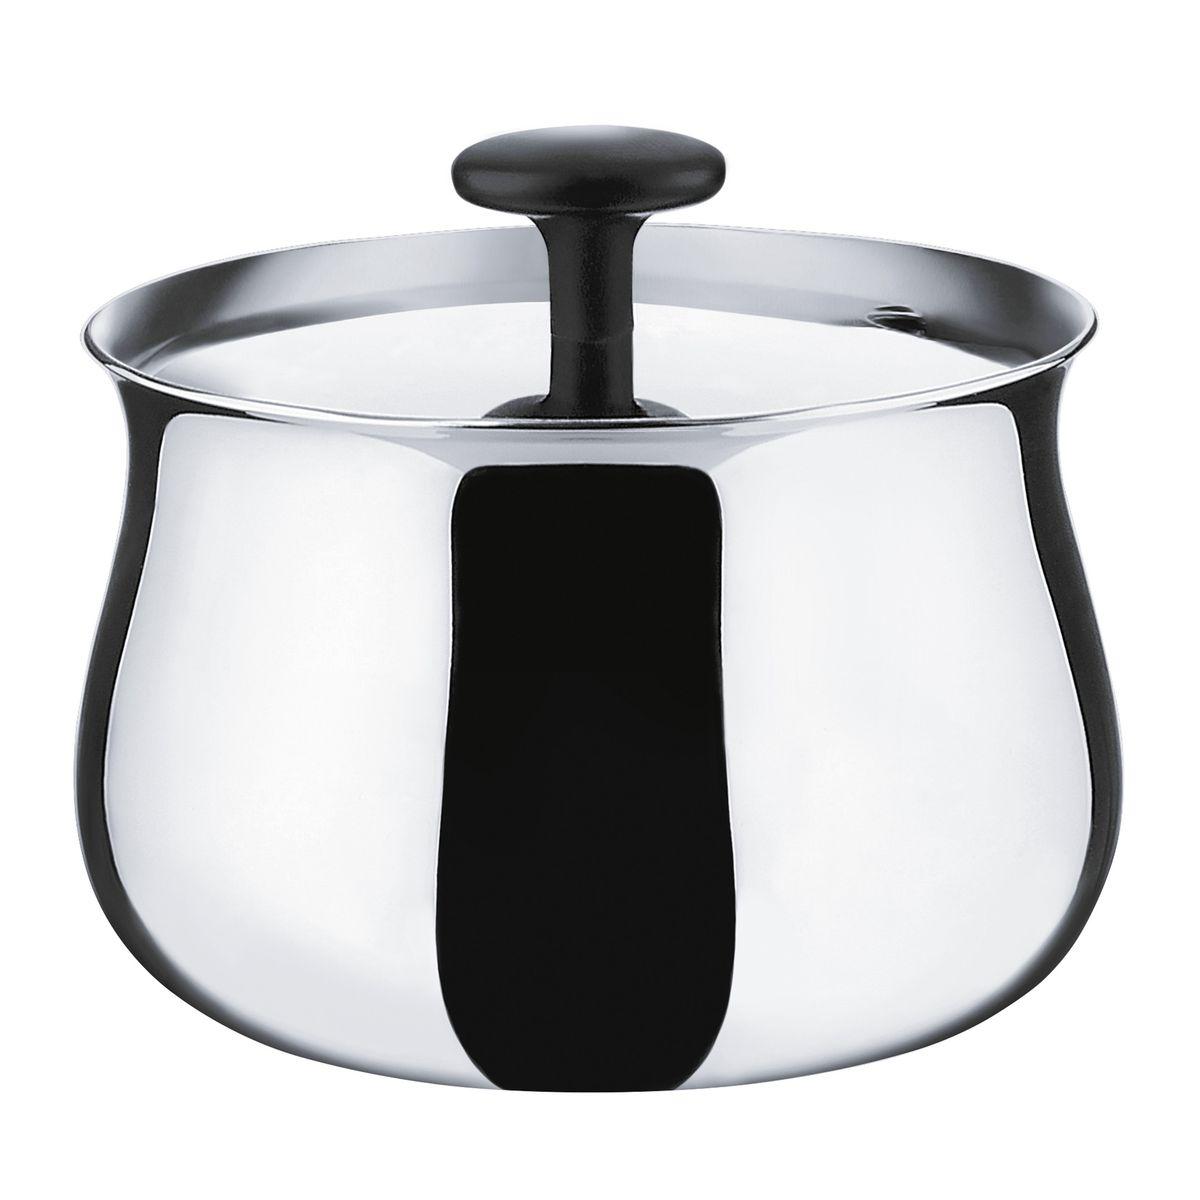 NF03 / Cha sugar bowl - на 360.ru: цены, описание, характеристики, где купить в Москве.